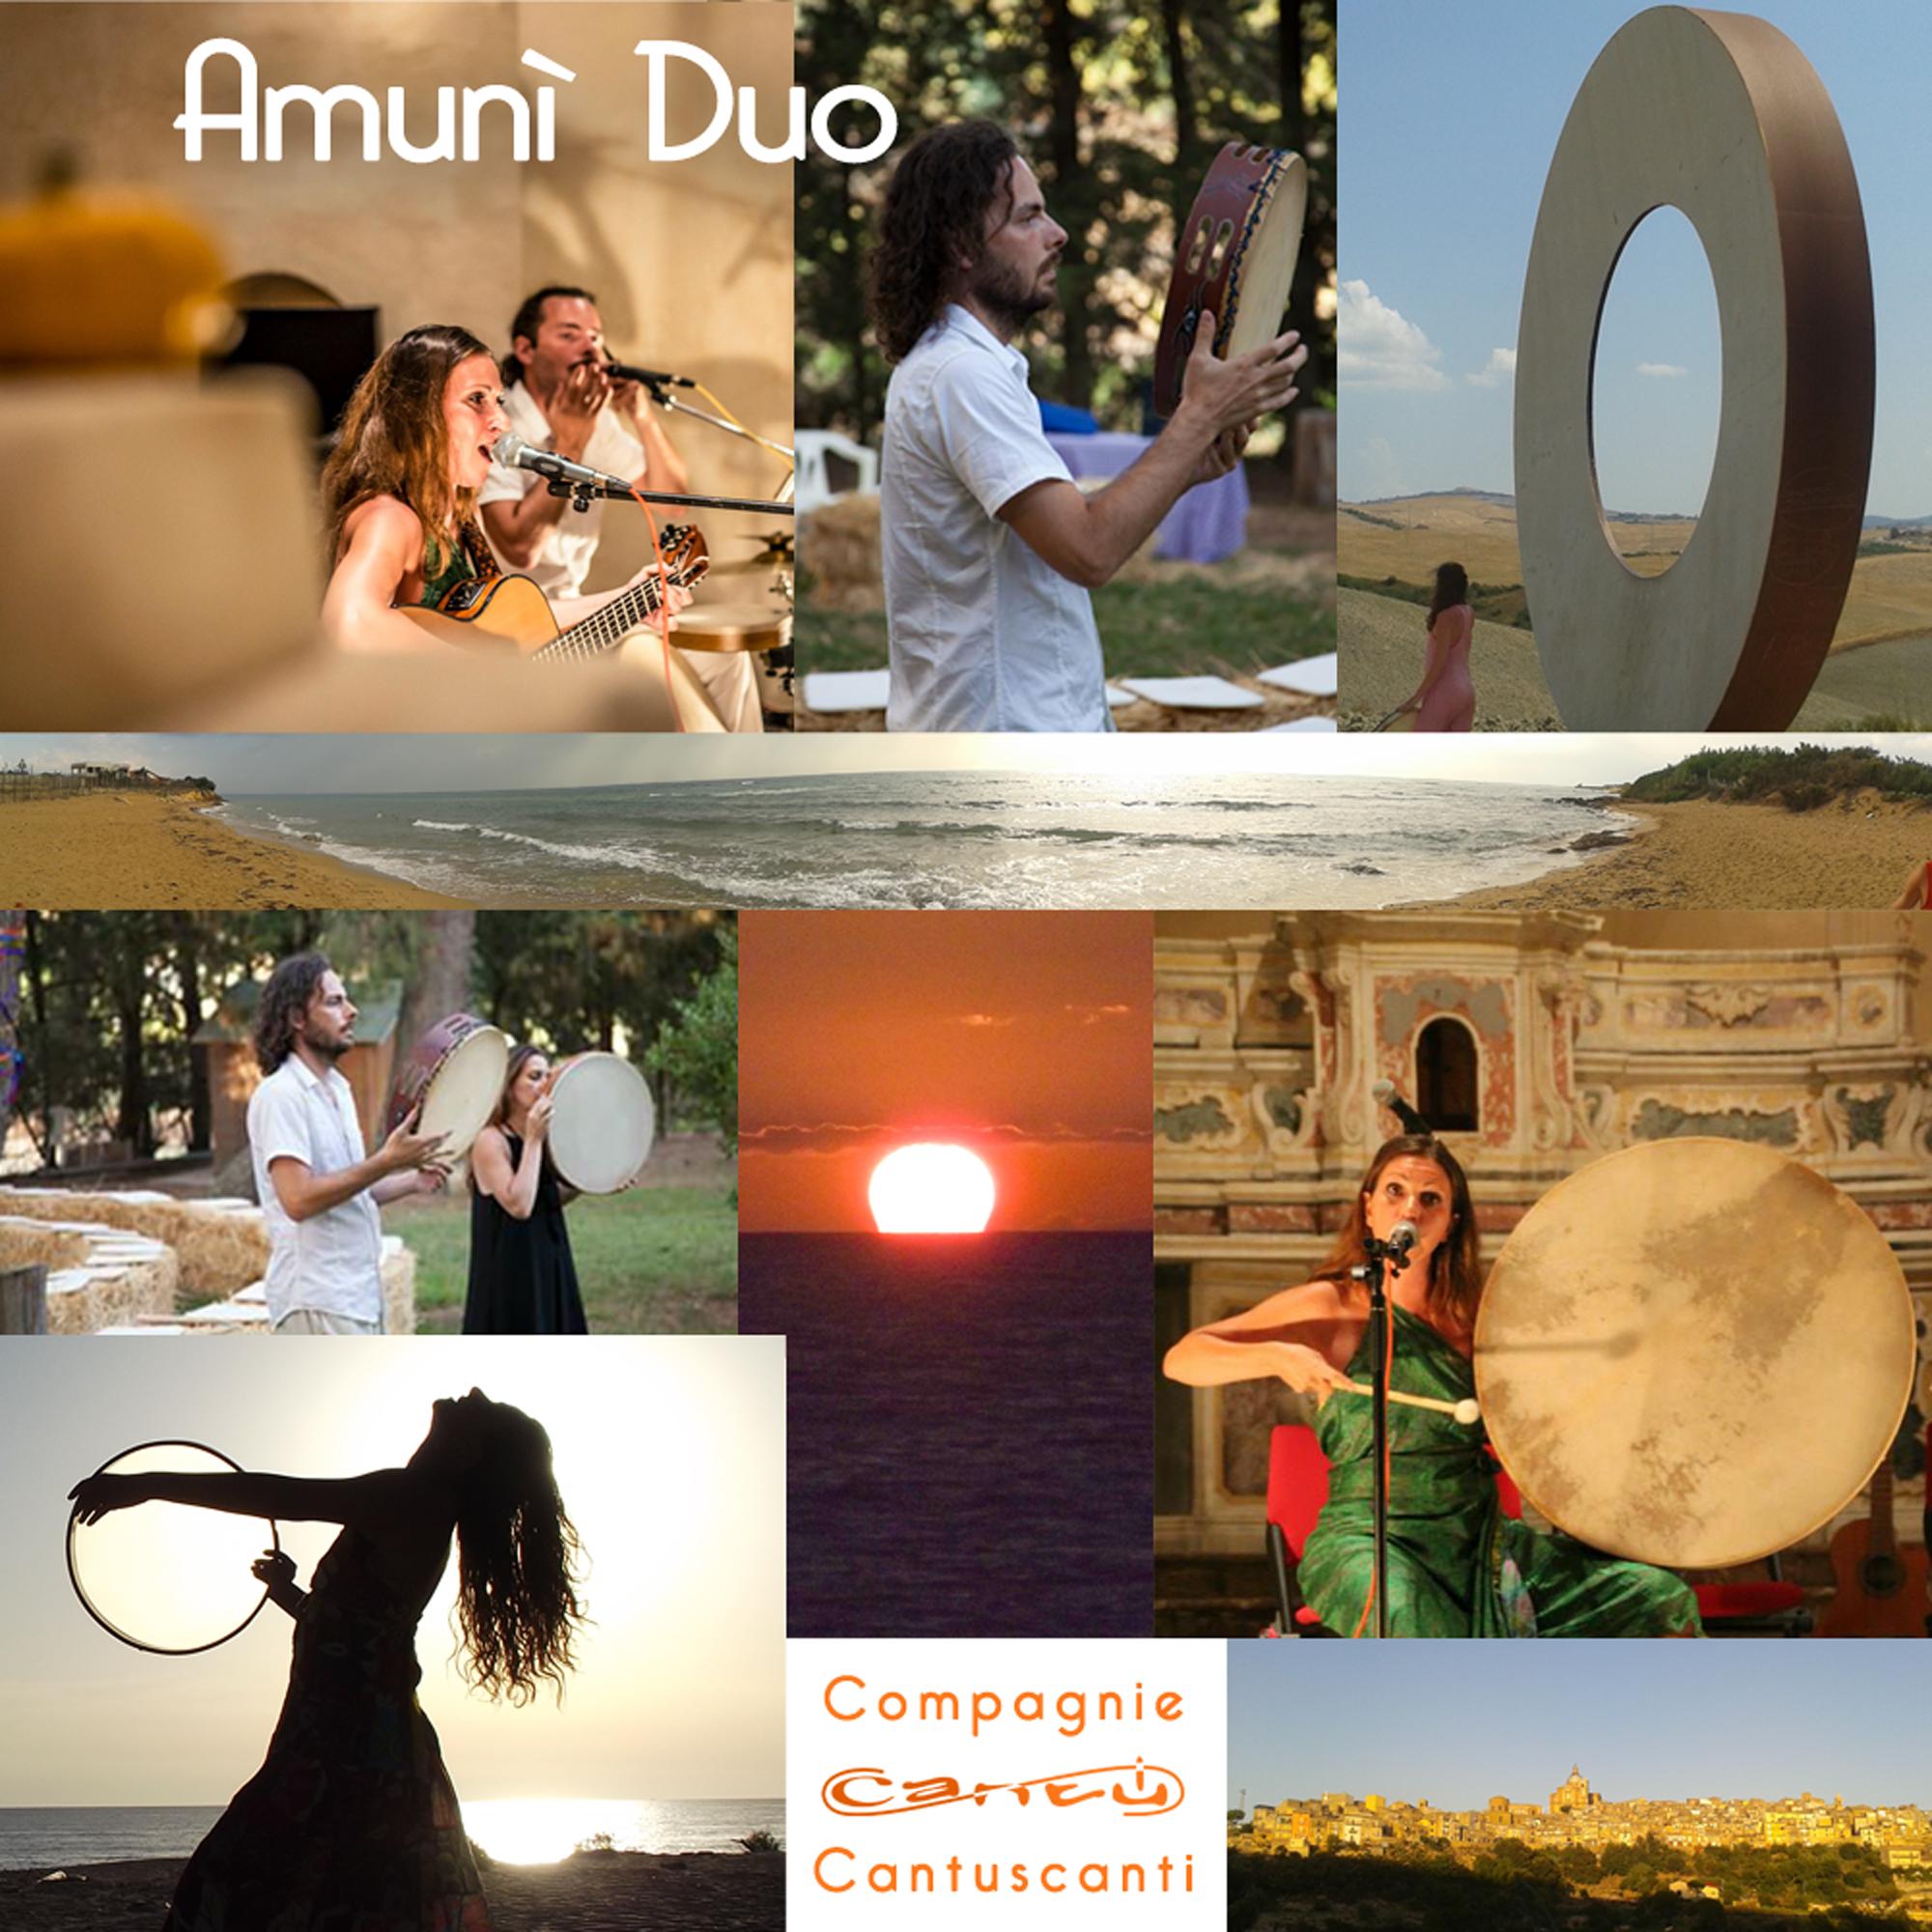 mosaique Amuni Duo